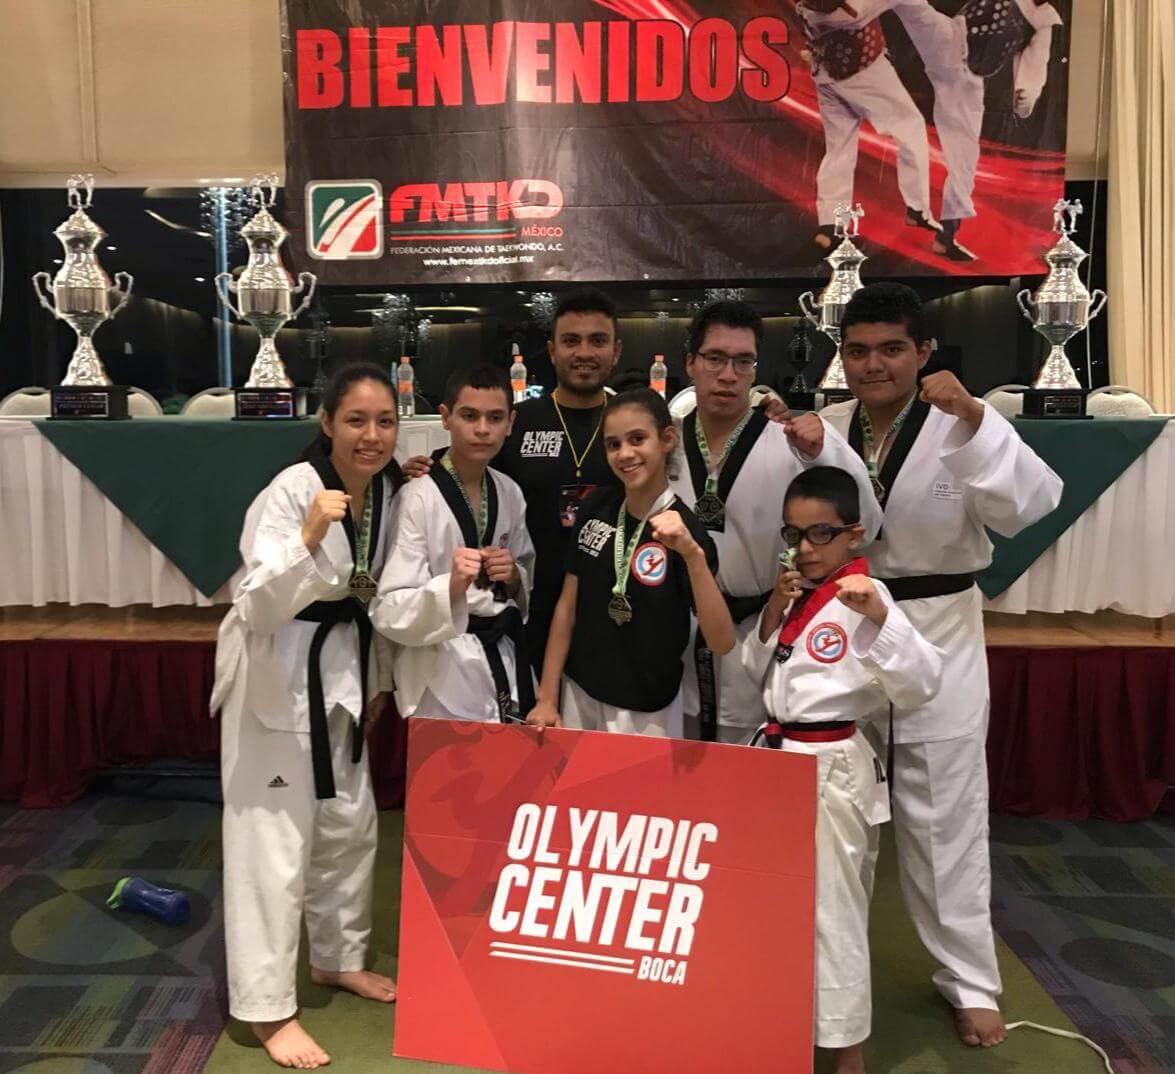 Con una cosecha de cuatro oros, dos platas y un bronce; la organización Olympic Center Boca registró una brillante participación en la Novena Edición del Abierto de Taekwondo en Acapulco.